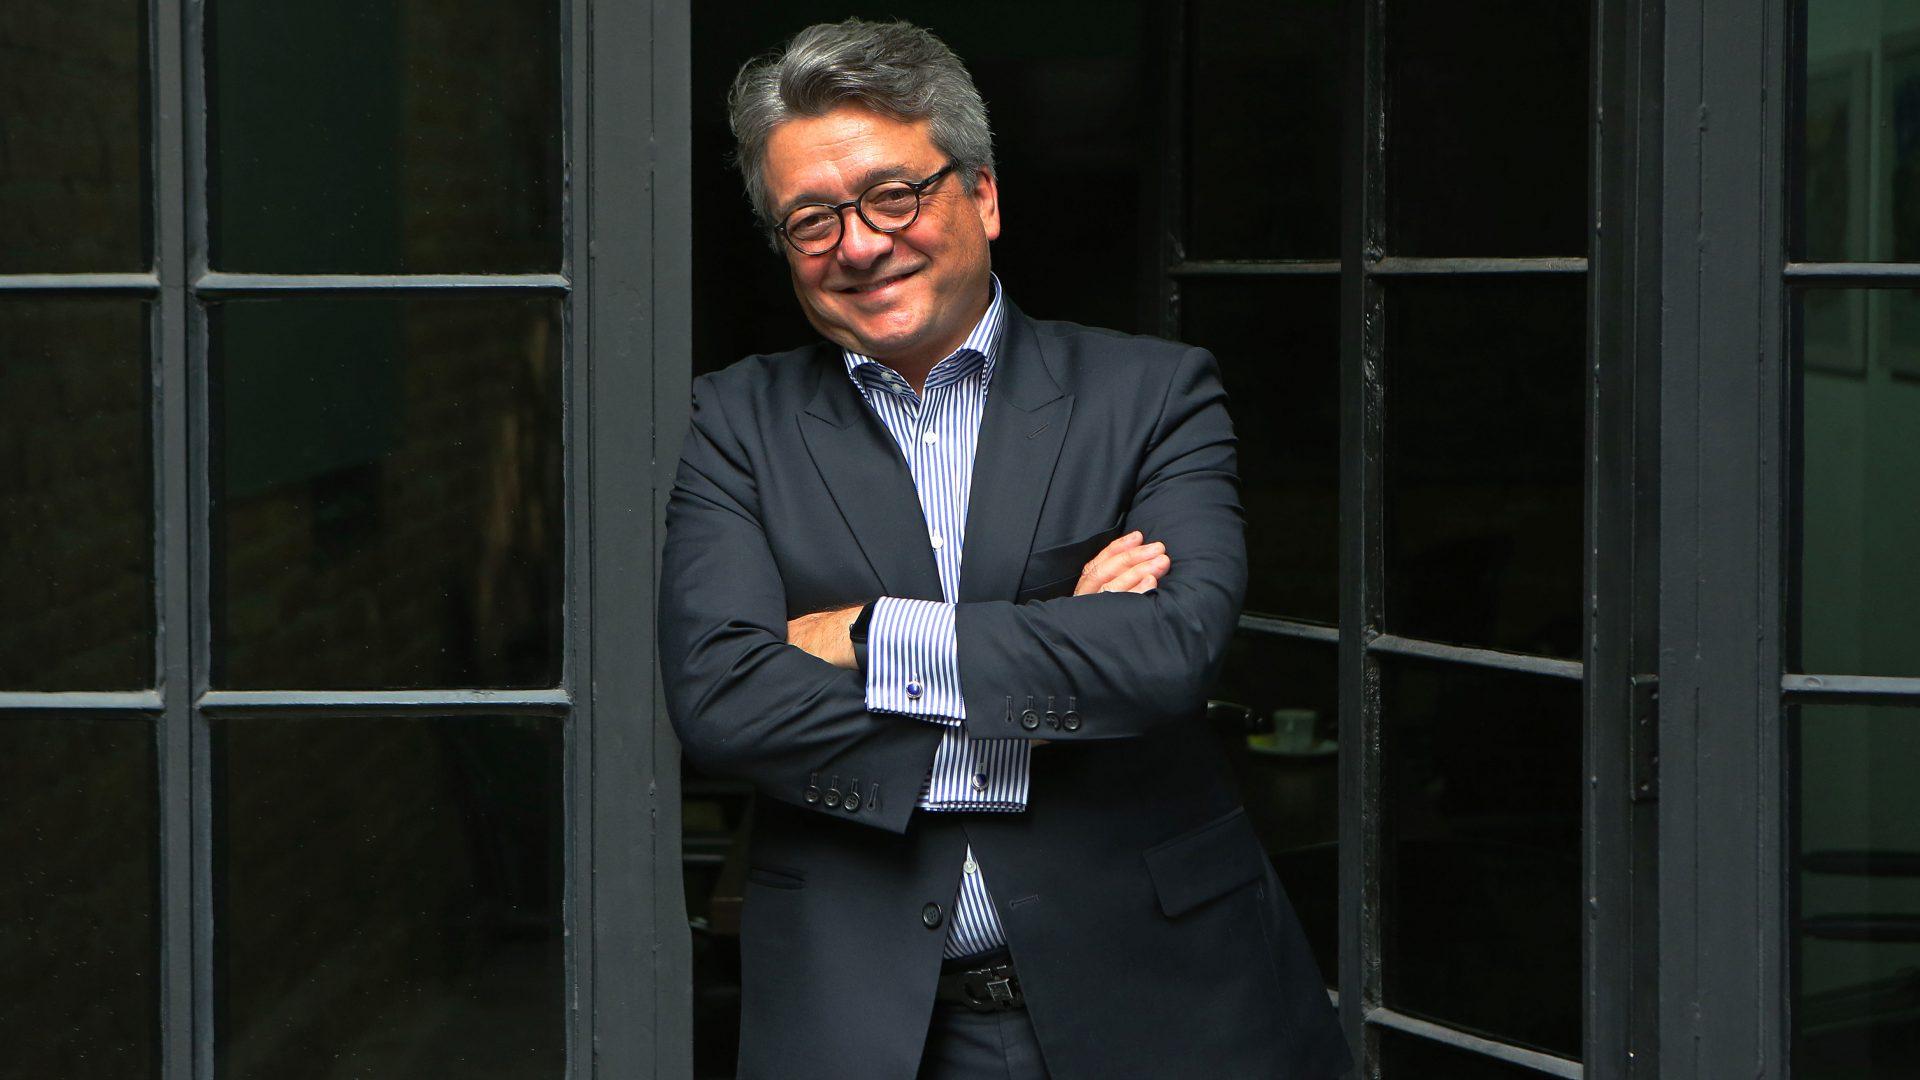 João Cox, ex-presidente da Claro e conselheiro da Embraer, Petrobras e Braskem